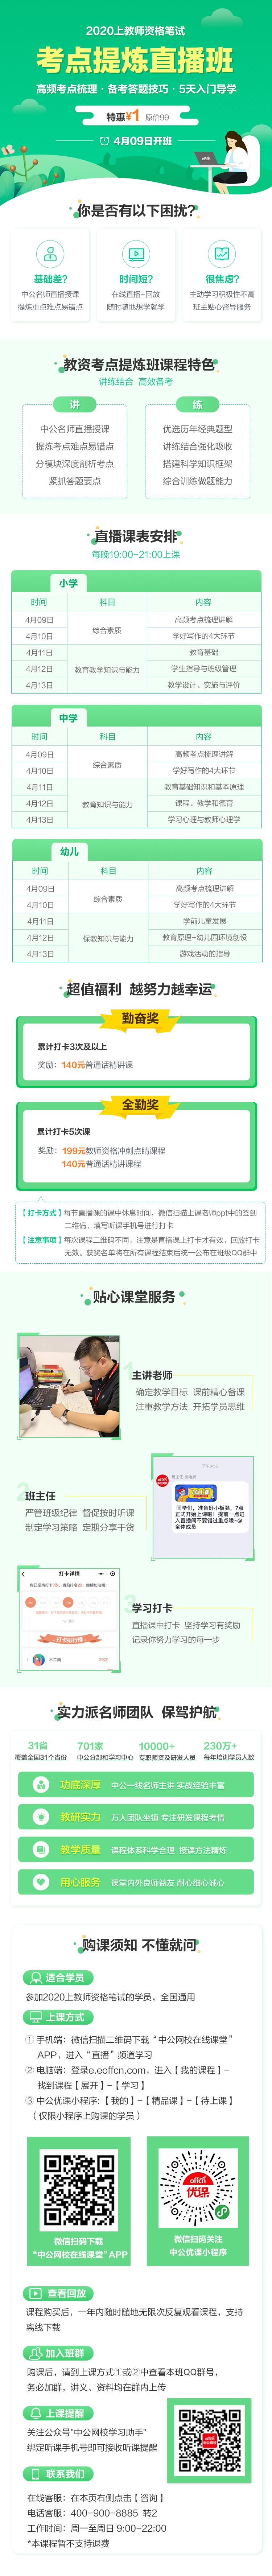 教�Y11期V9�情�(幼��@小�W中�W).jpg